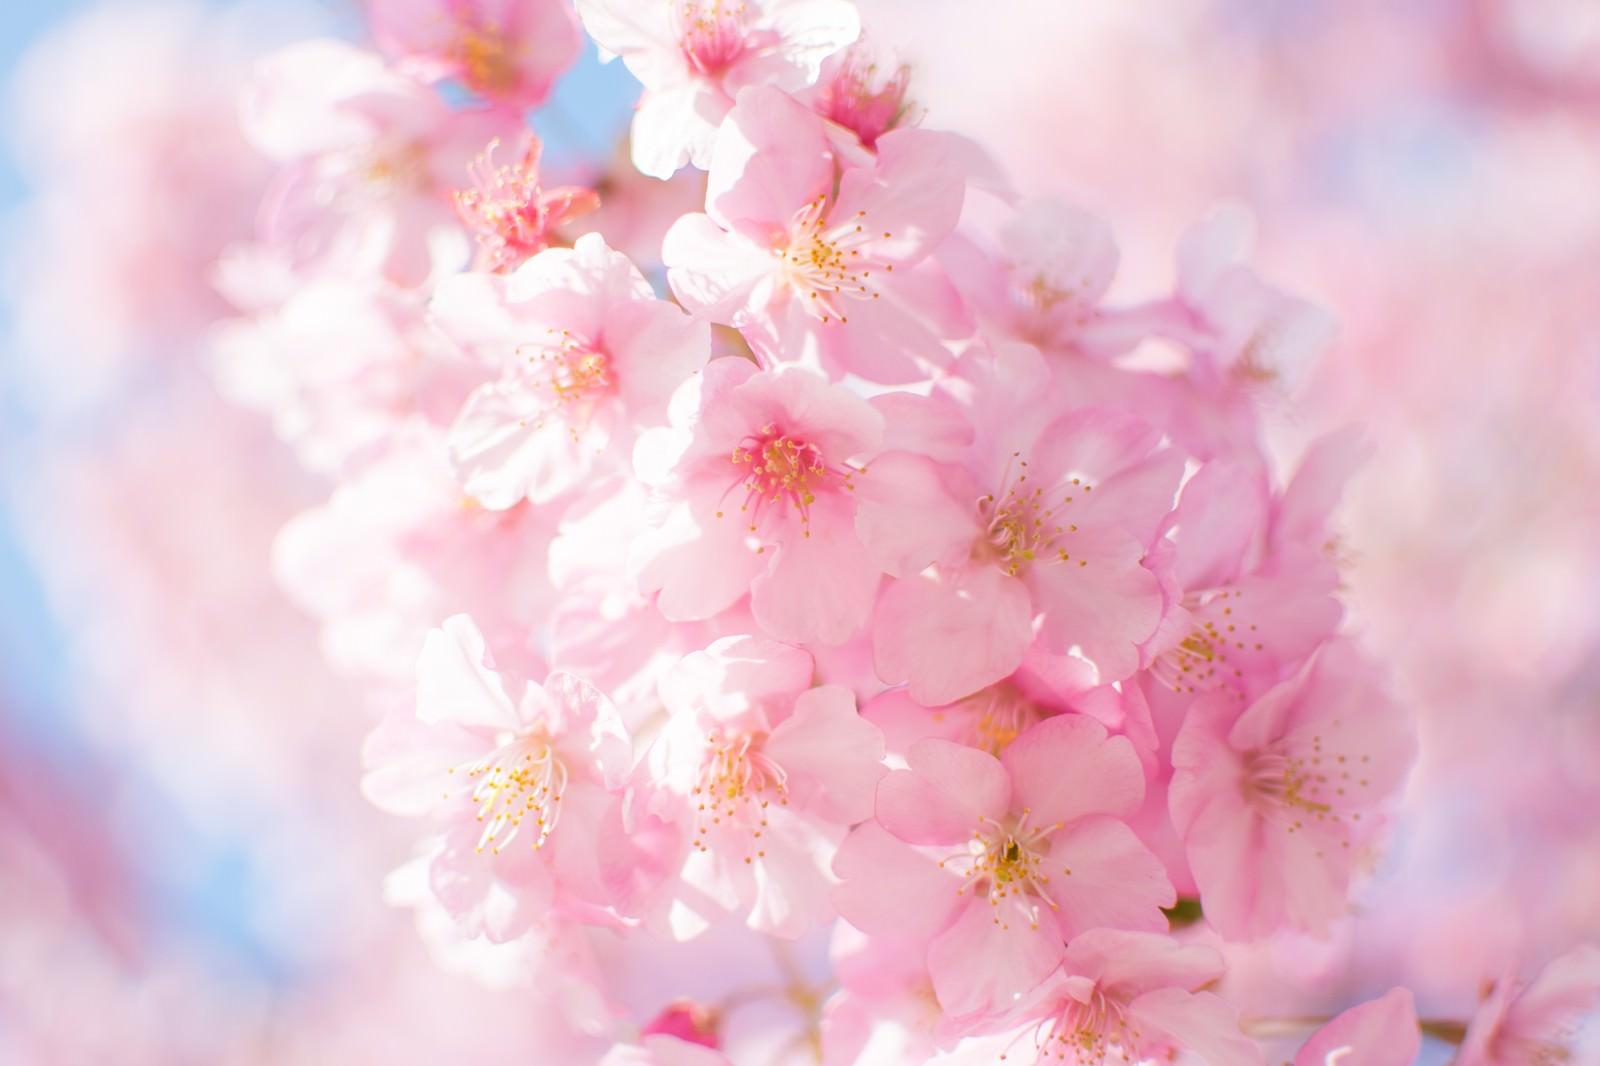 「ピンク色の桜の開花」の写真